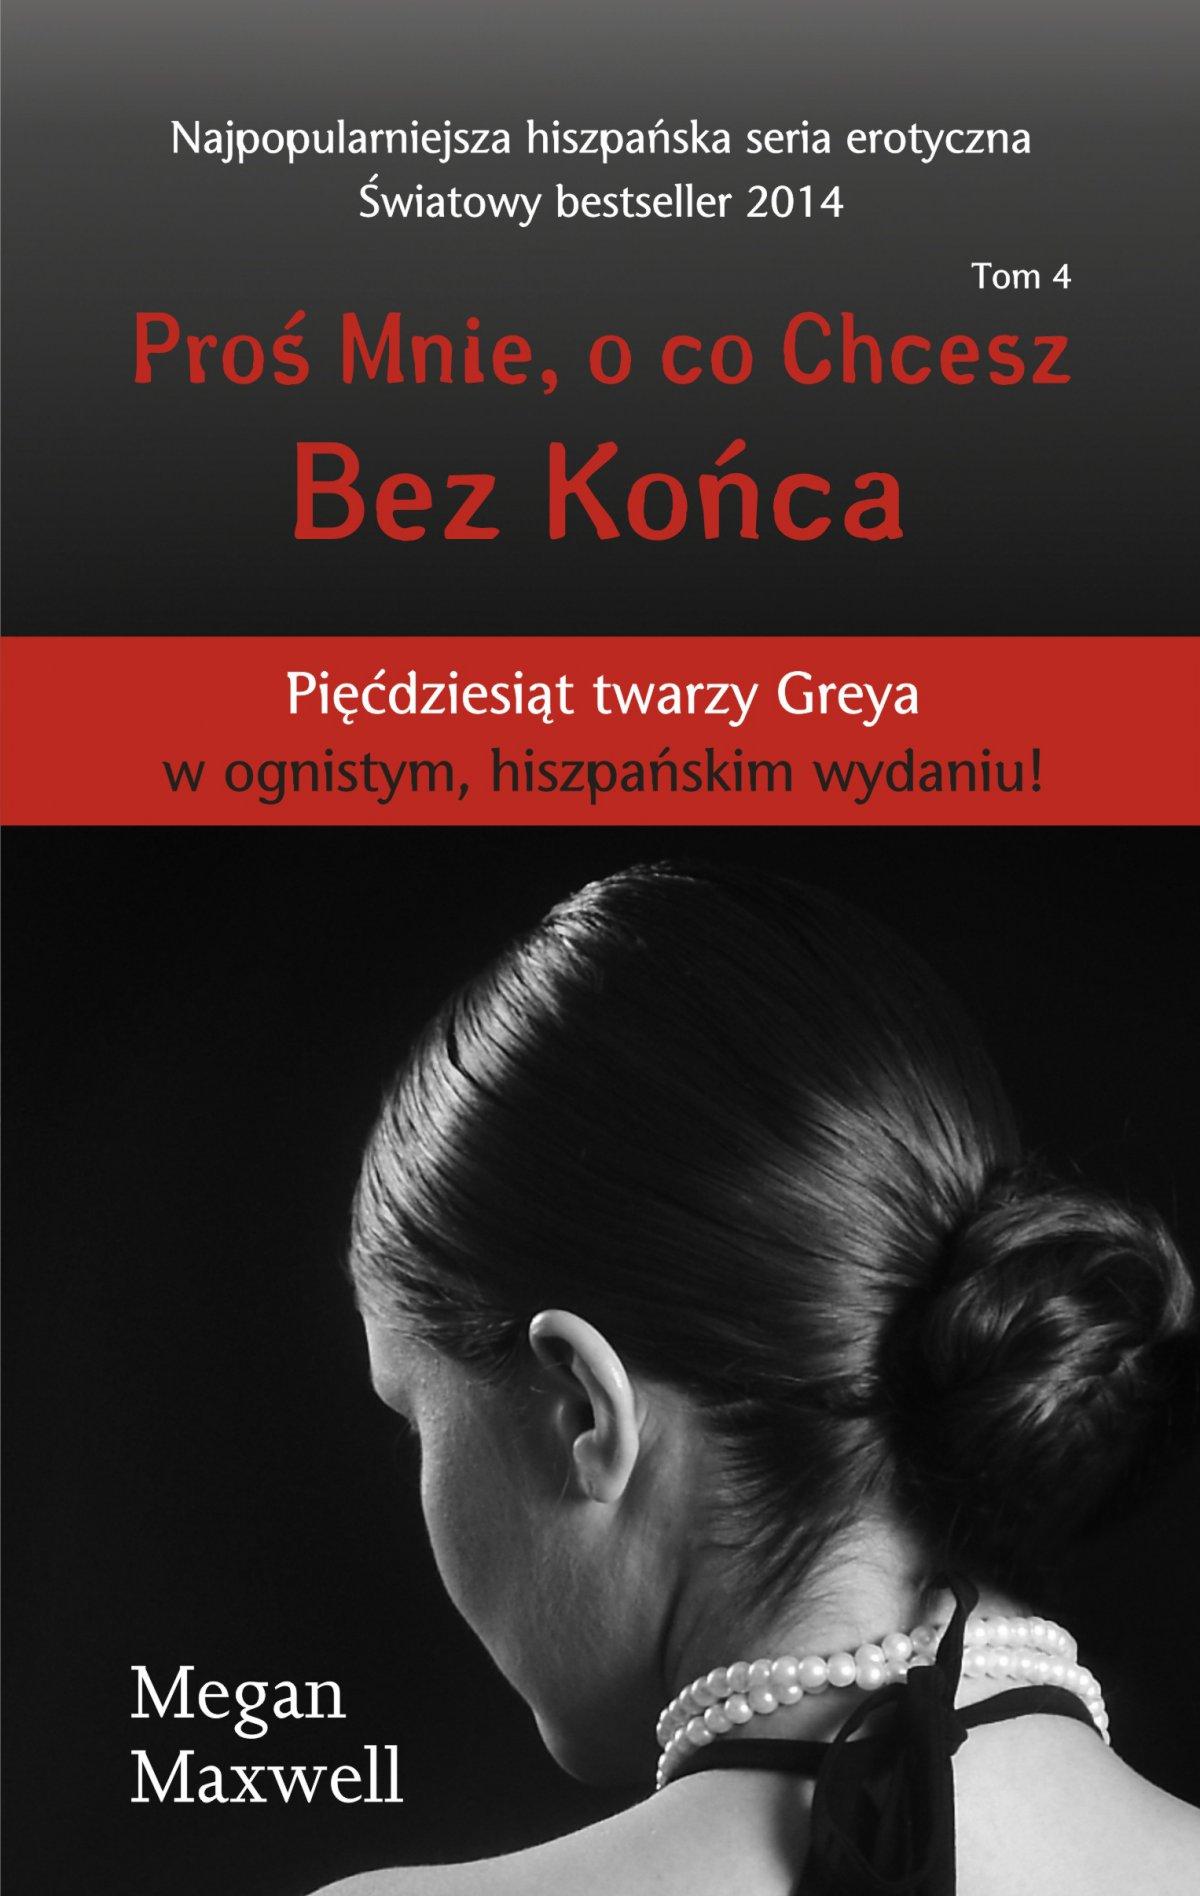 Proś Mnie, o co Chcesz. Tom 4 Bez Końca - Ebook (Książka na Kindle) do pobrania w formacie MOBI